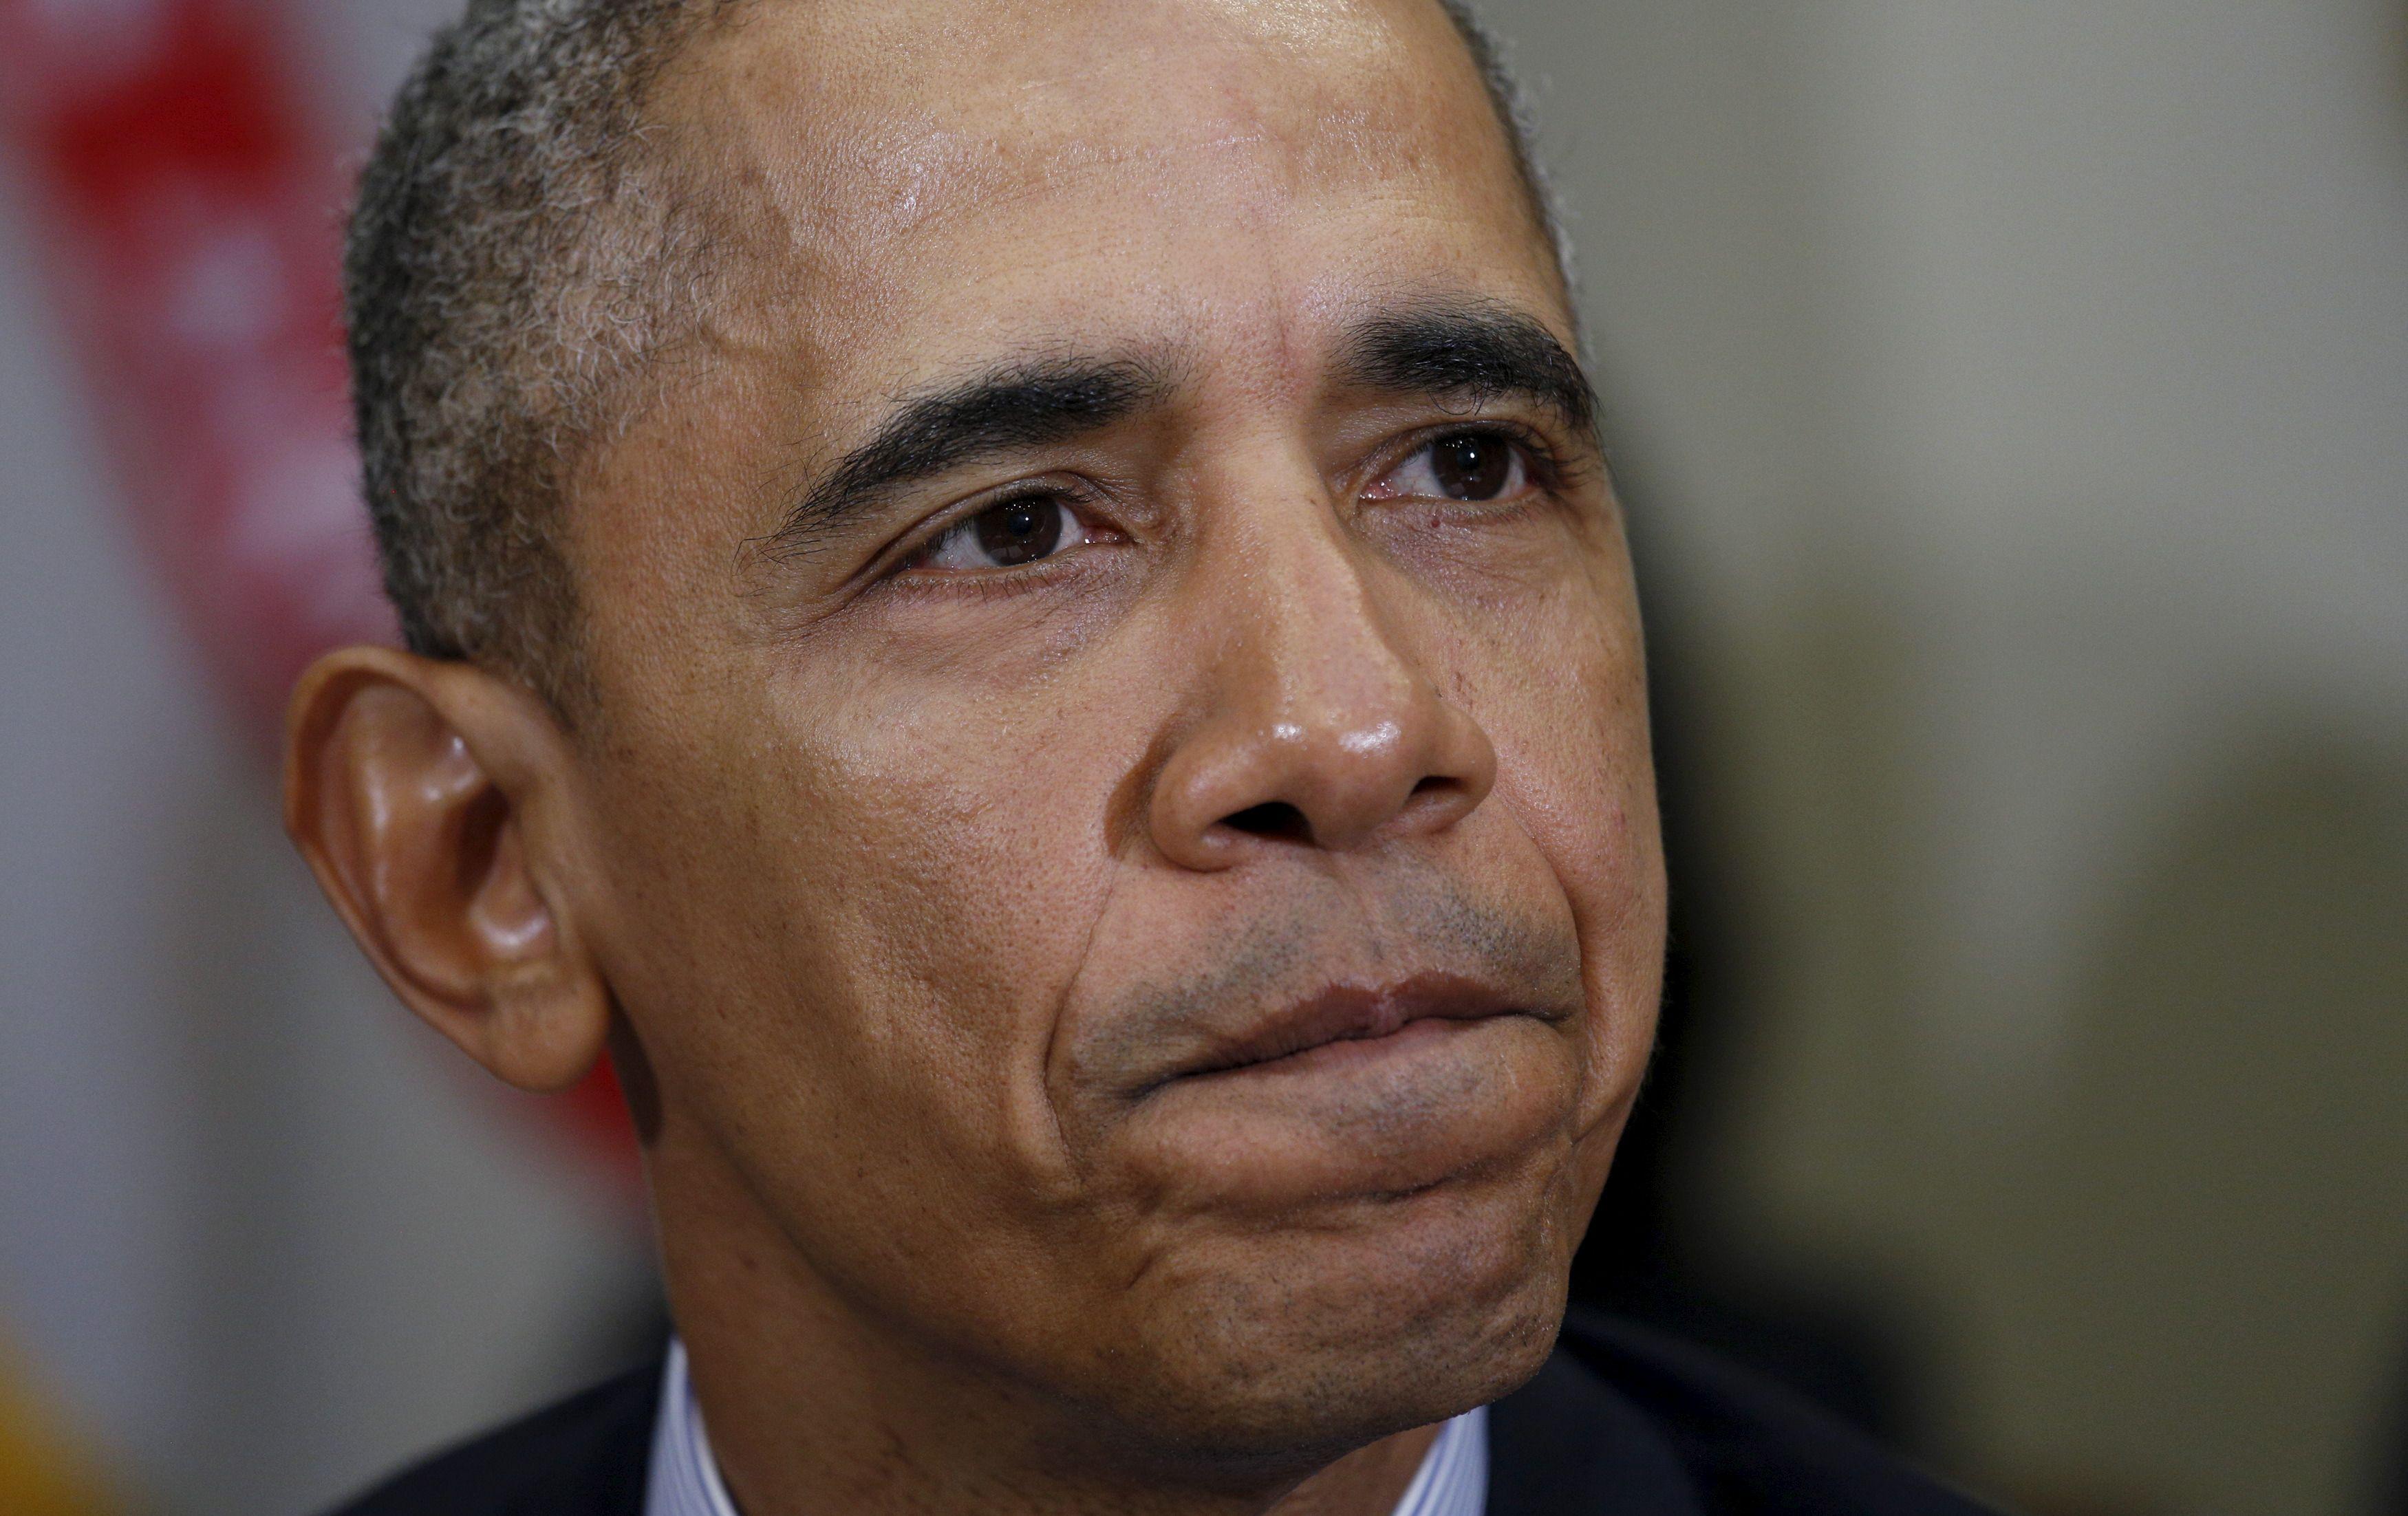 La pire erreur d'Obama ? L'absence de suivi en Libye, selon lui